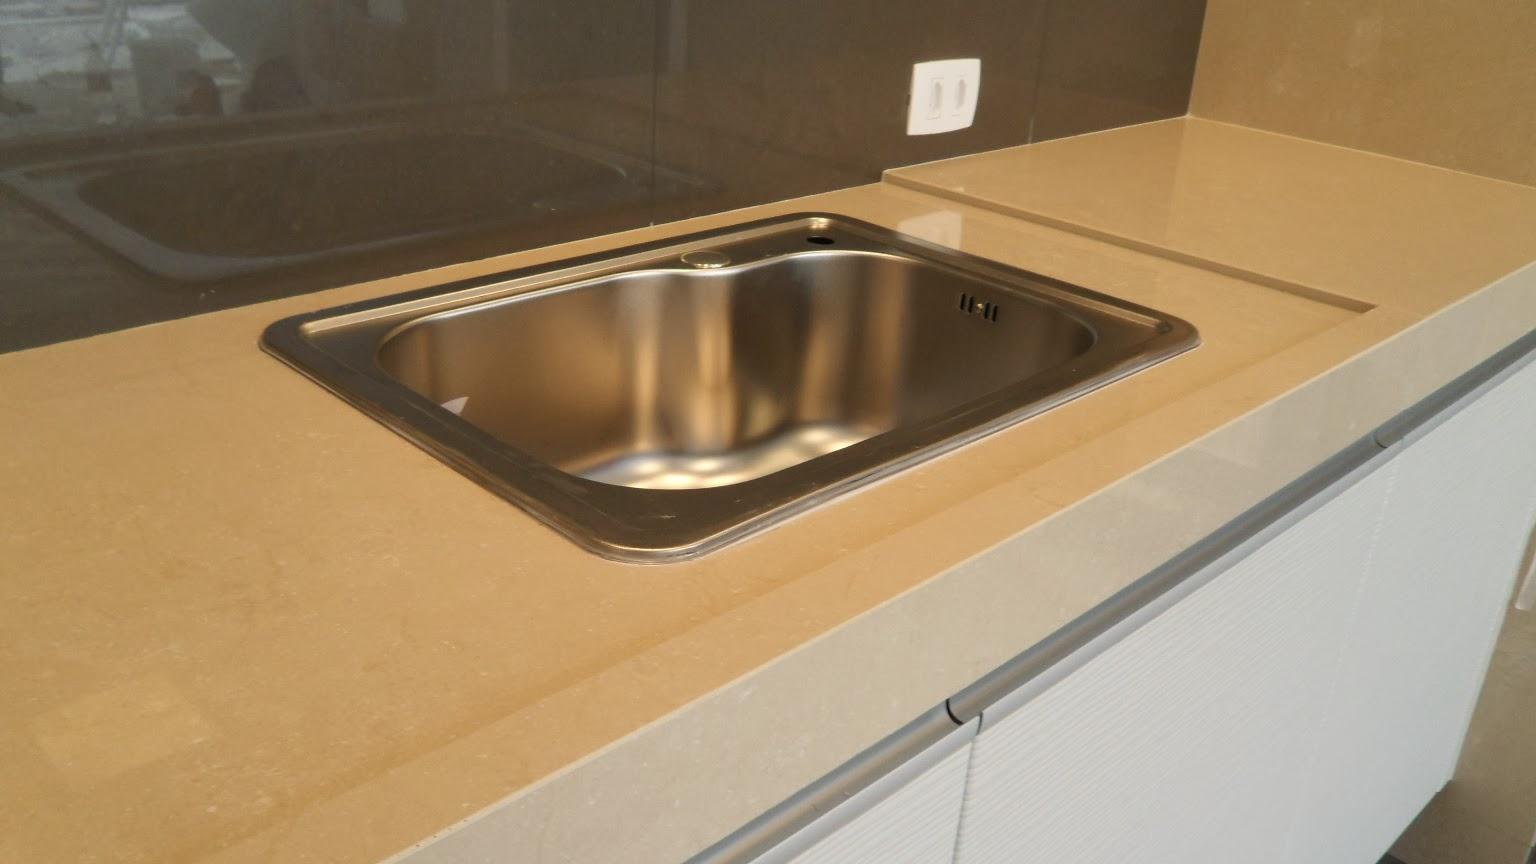 Modelo 6 Bancada de cozinha de porcelanato polido na cor bege  #916C3A 1536x864 Bancada Banheiro De Porcelanato